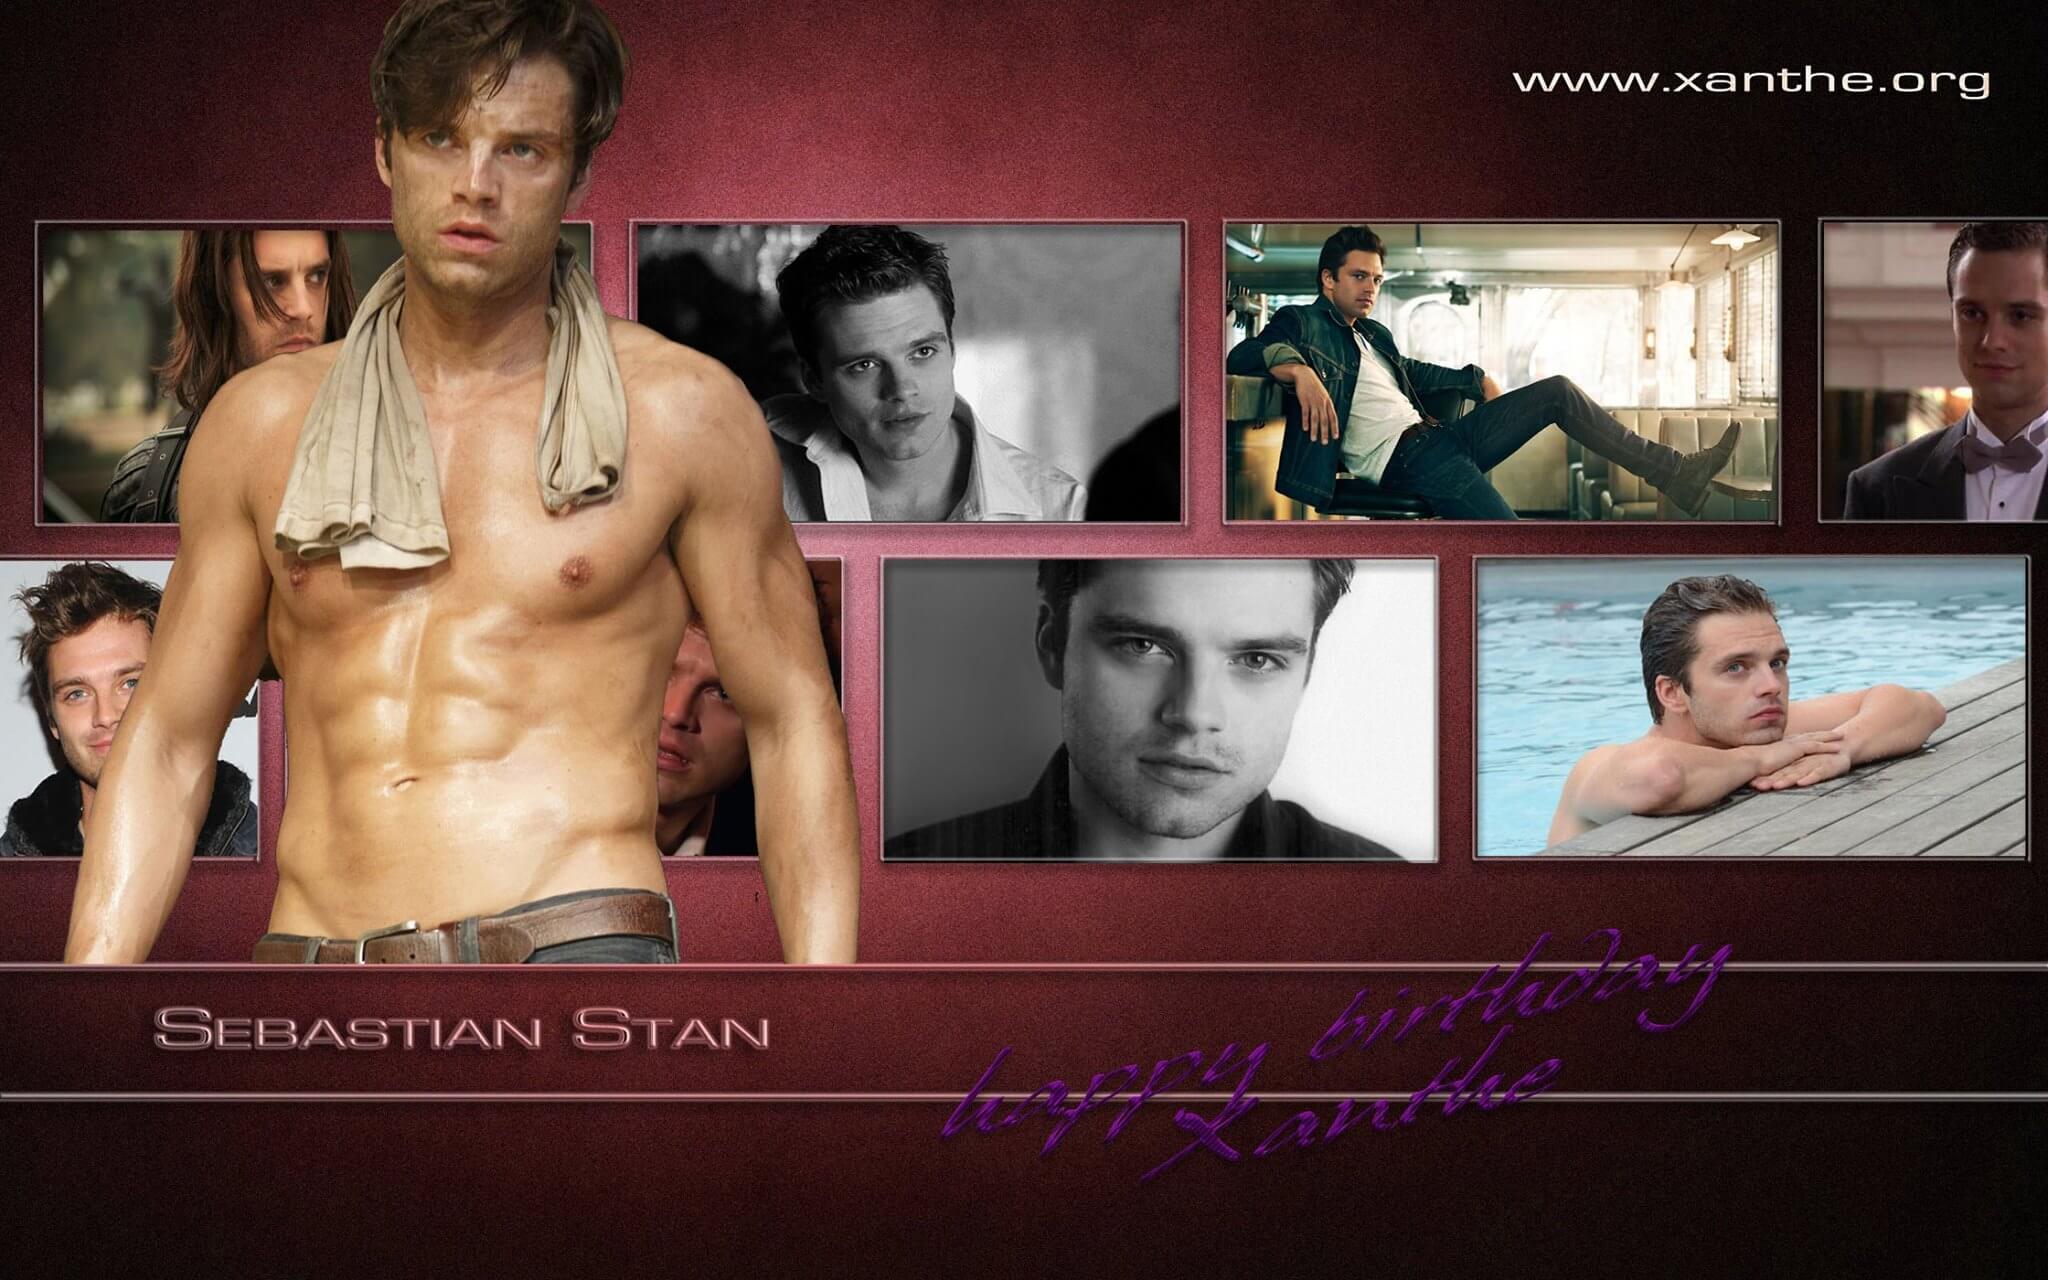 Sebastian Stan by Jacci